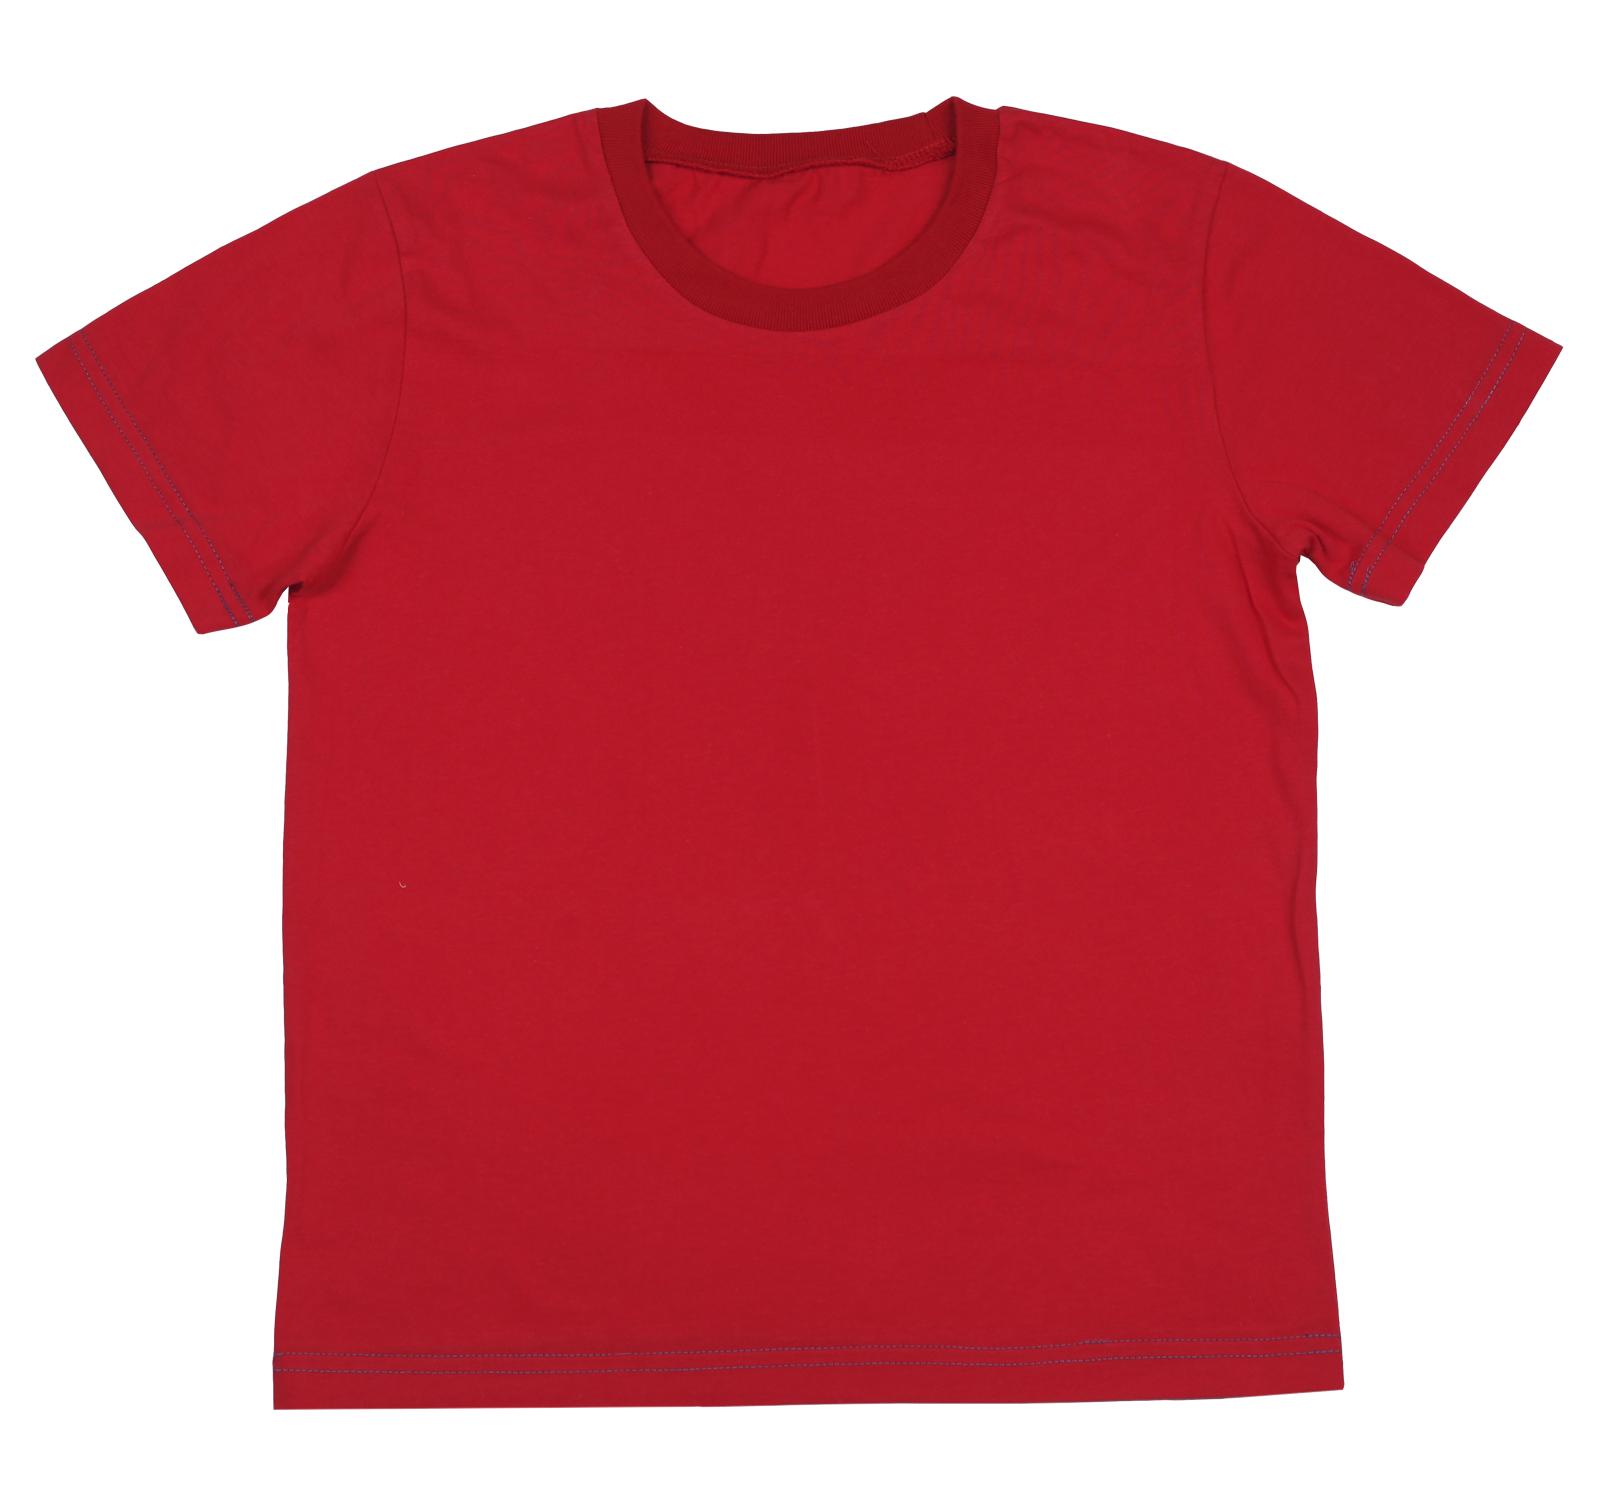 Удобная детская футболка на каждый день